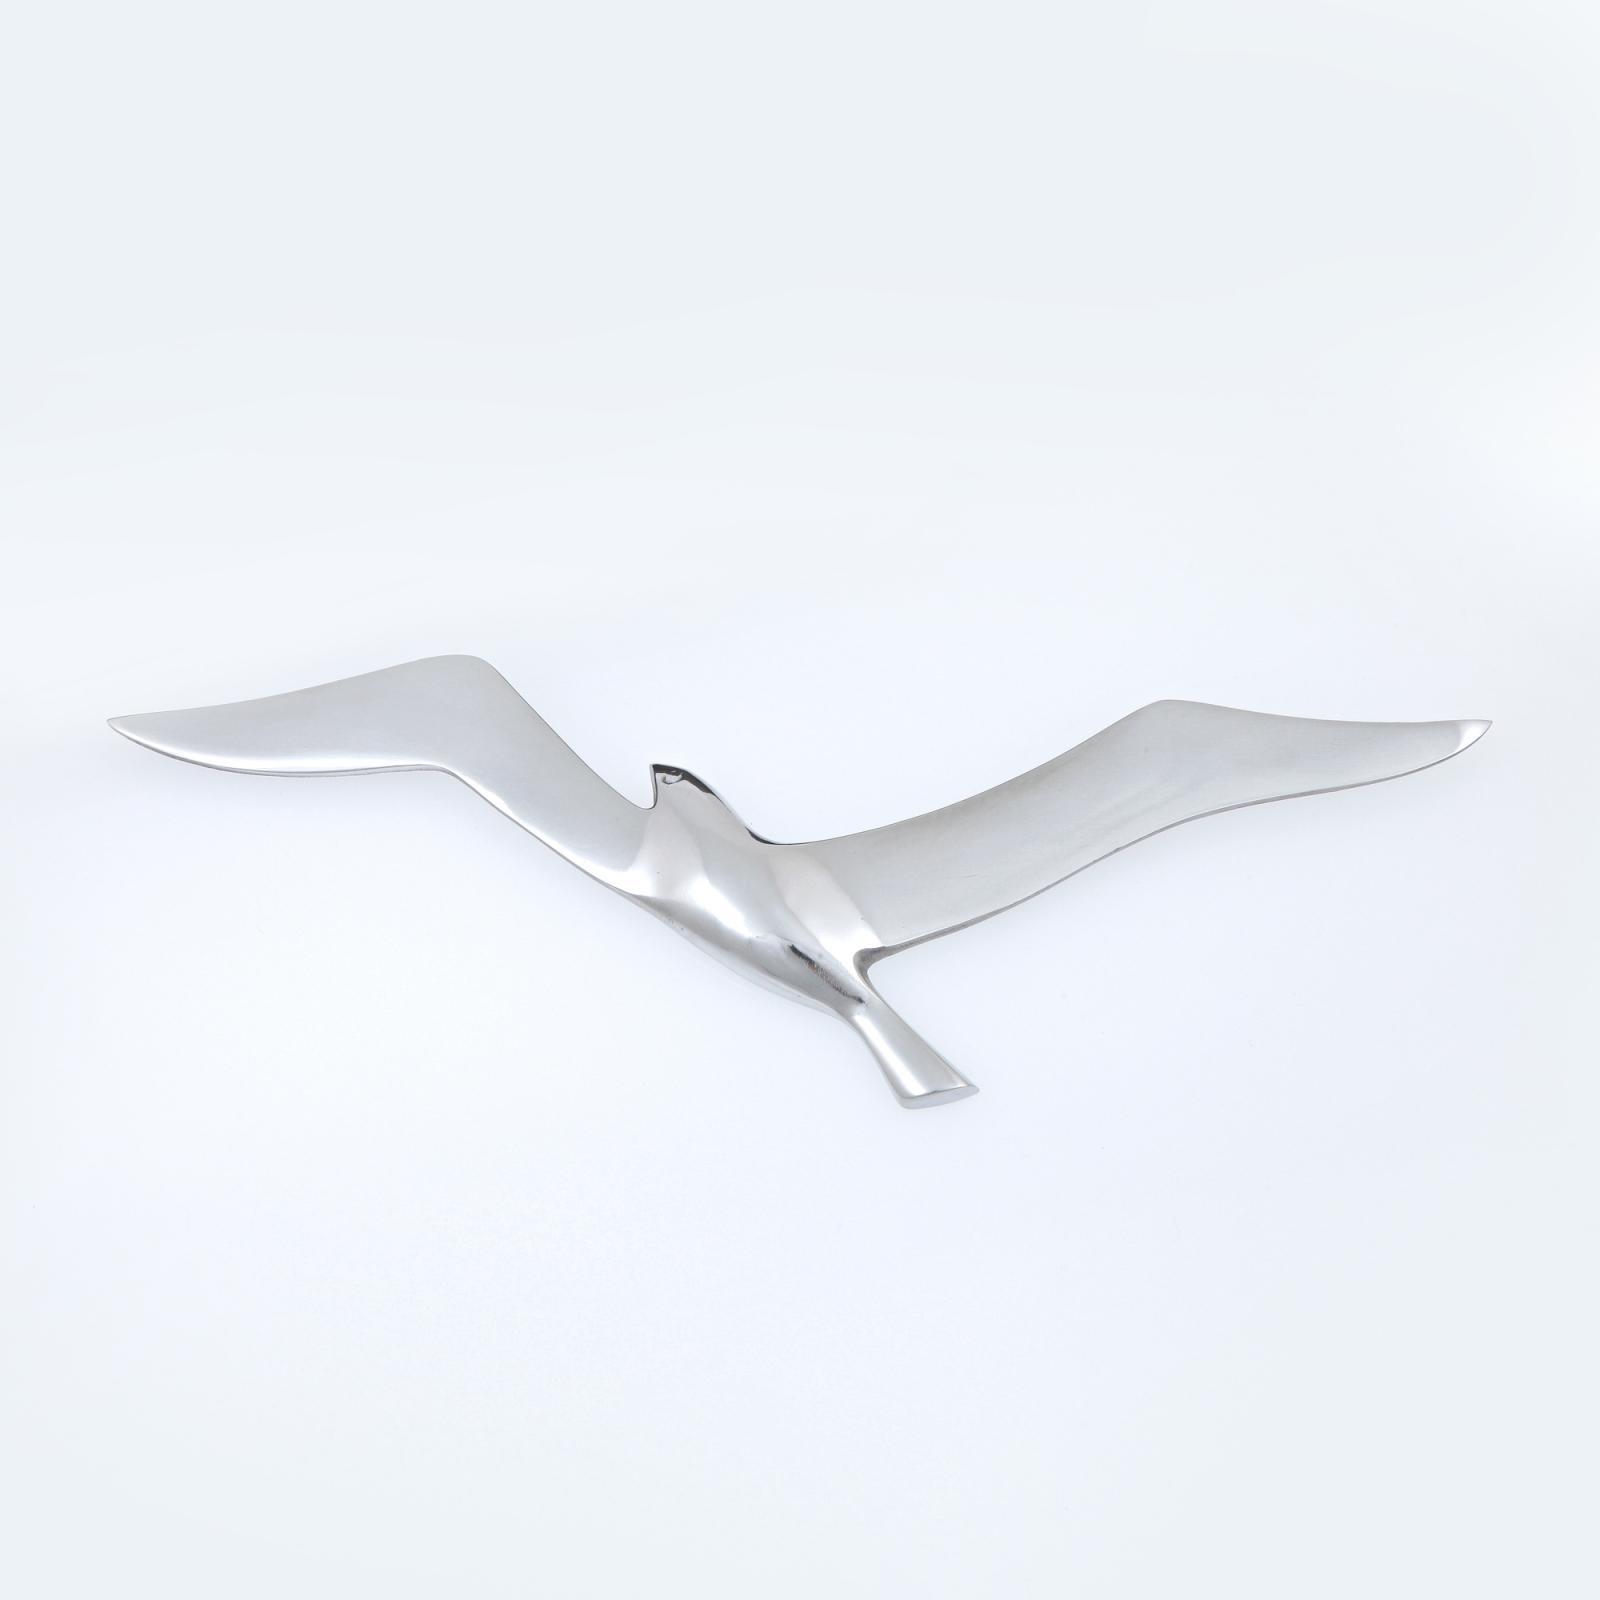 Metal Wall Art Decor Sculpture Handmade Seagull Bird Flying Silver EBay